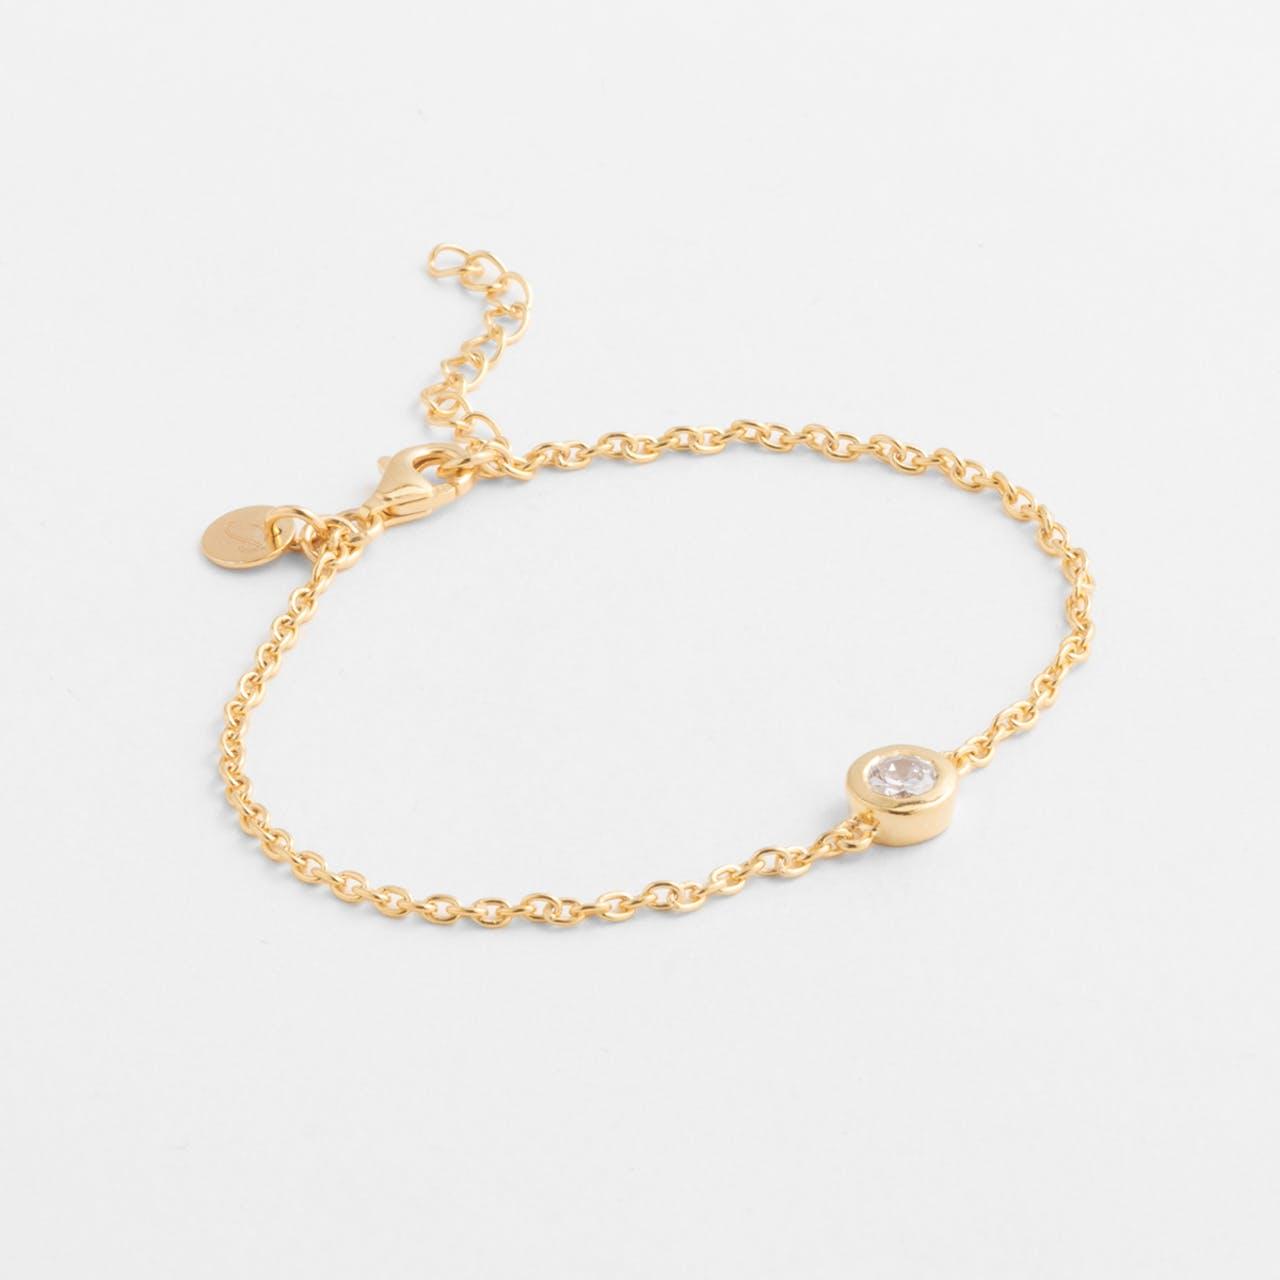 Annabell - Armband - 18k vergoldet